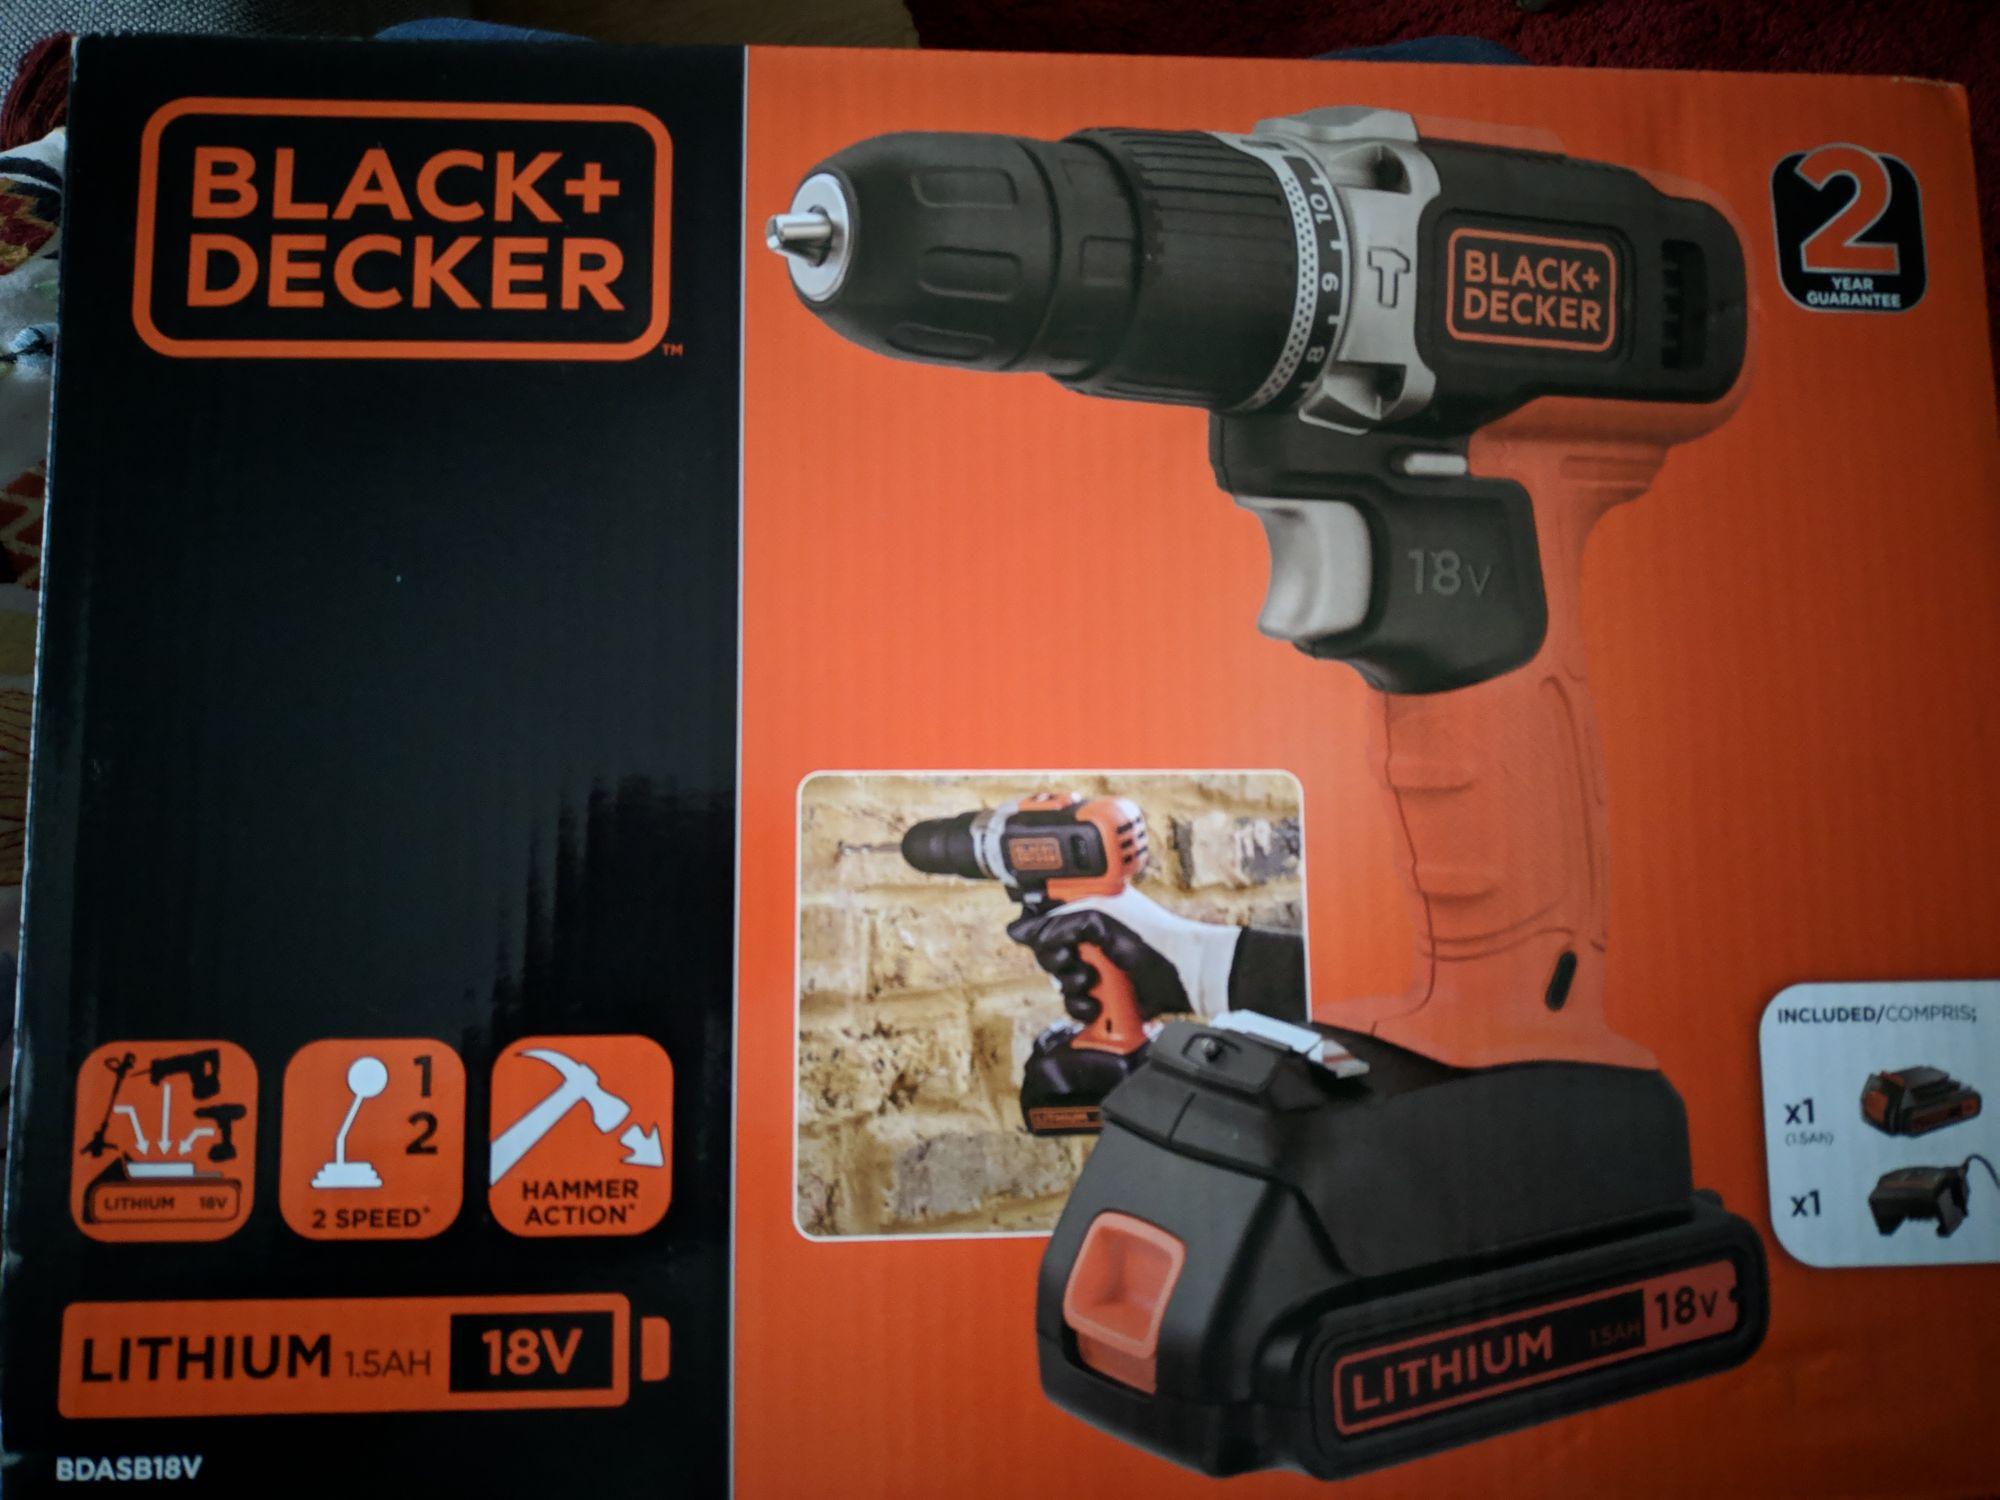 Wiertarko wkrętarka Black+Decker BDASB18V Lidl